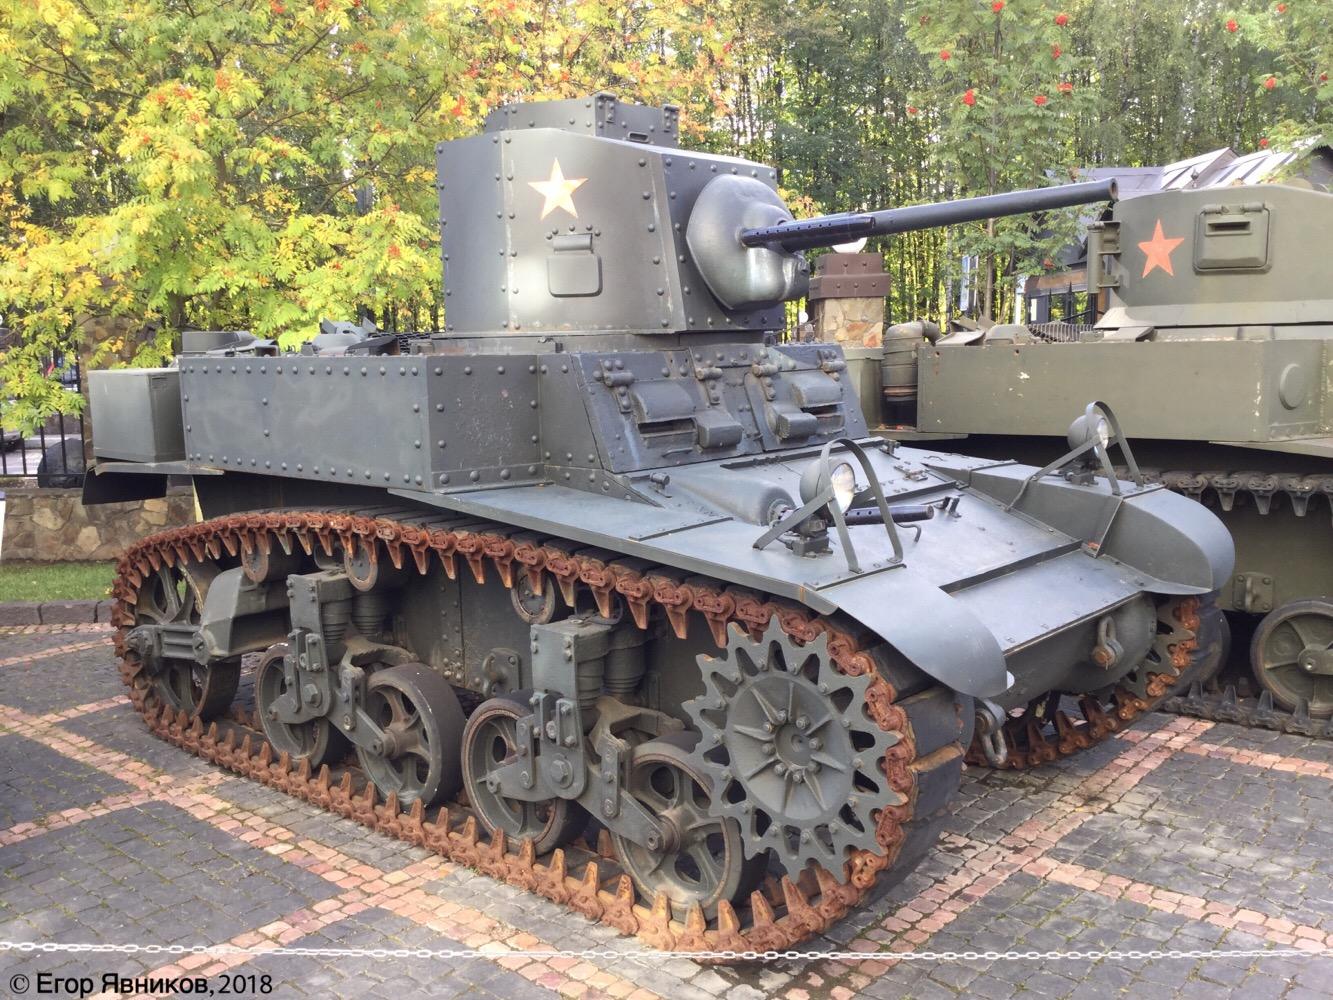 Американский лёгкий танк M3A1 Stuart с башней D37182. Московская область, Ильинское шоссе 4-ый км (Музей техники Вадима Задорожного)